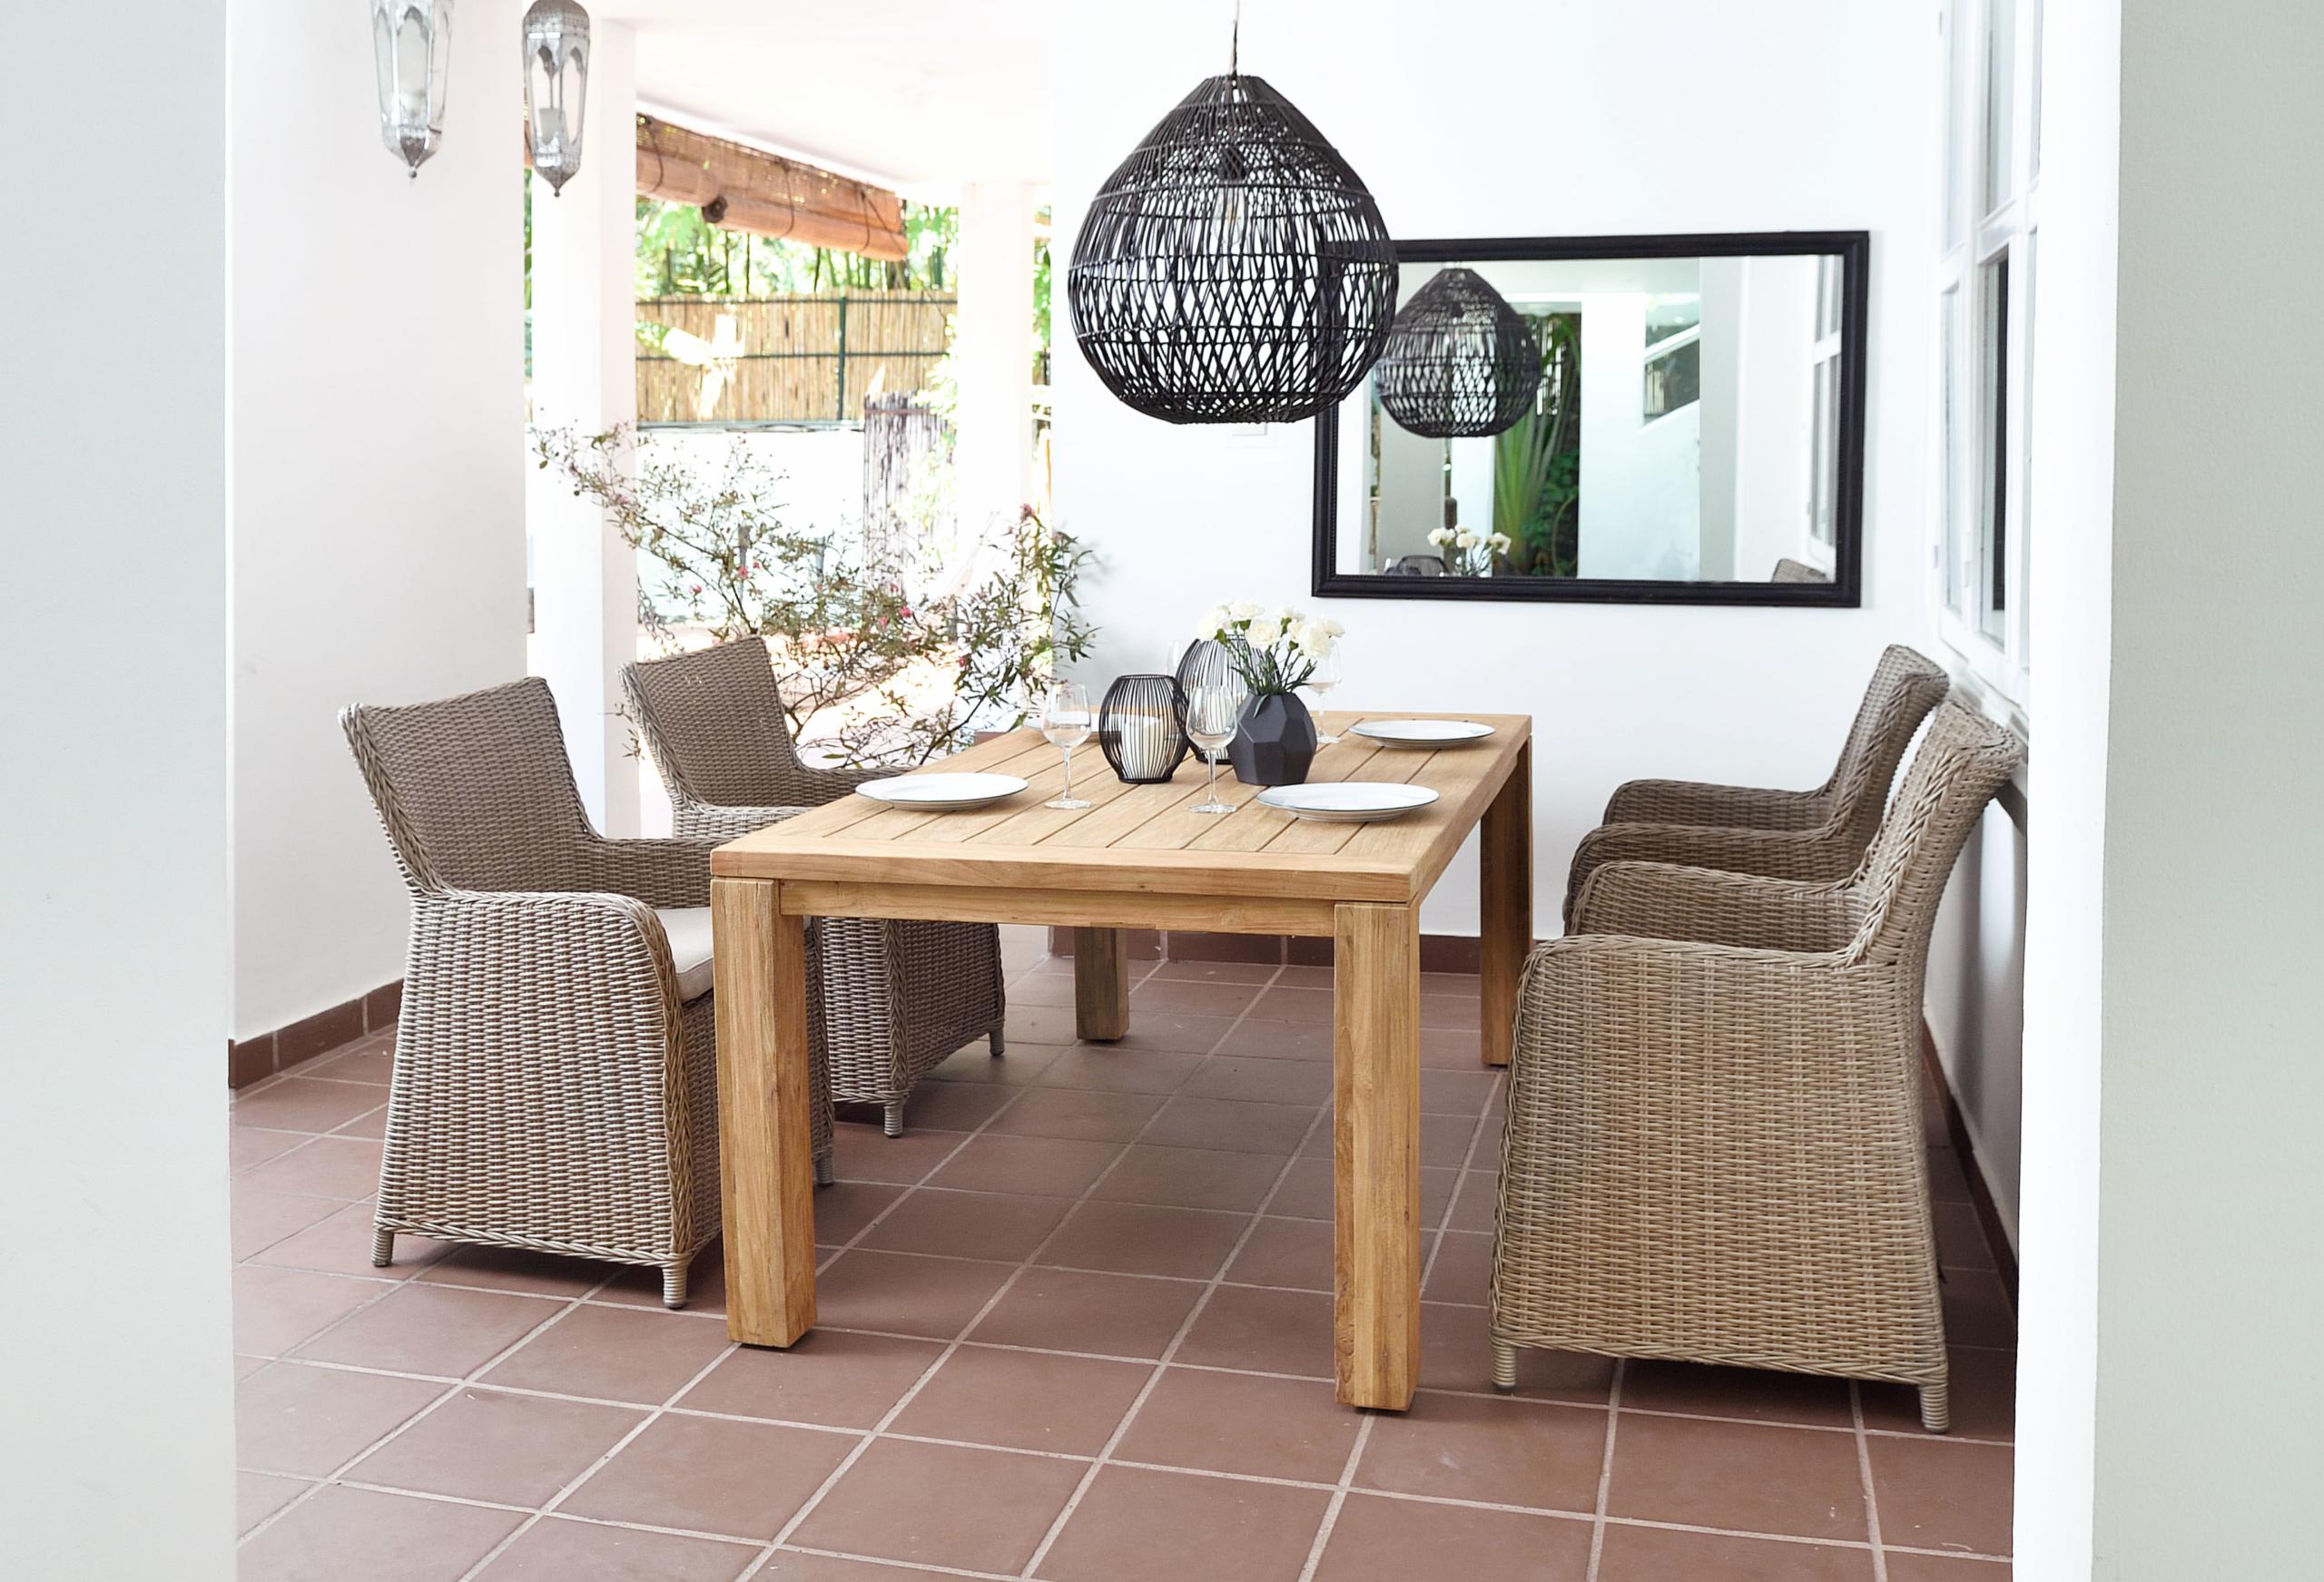 Muebles para terraza y jardín- Colecciones para interior